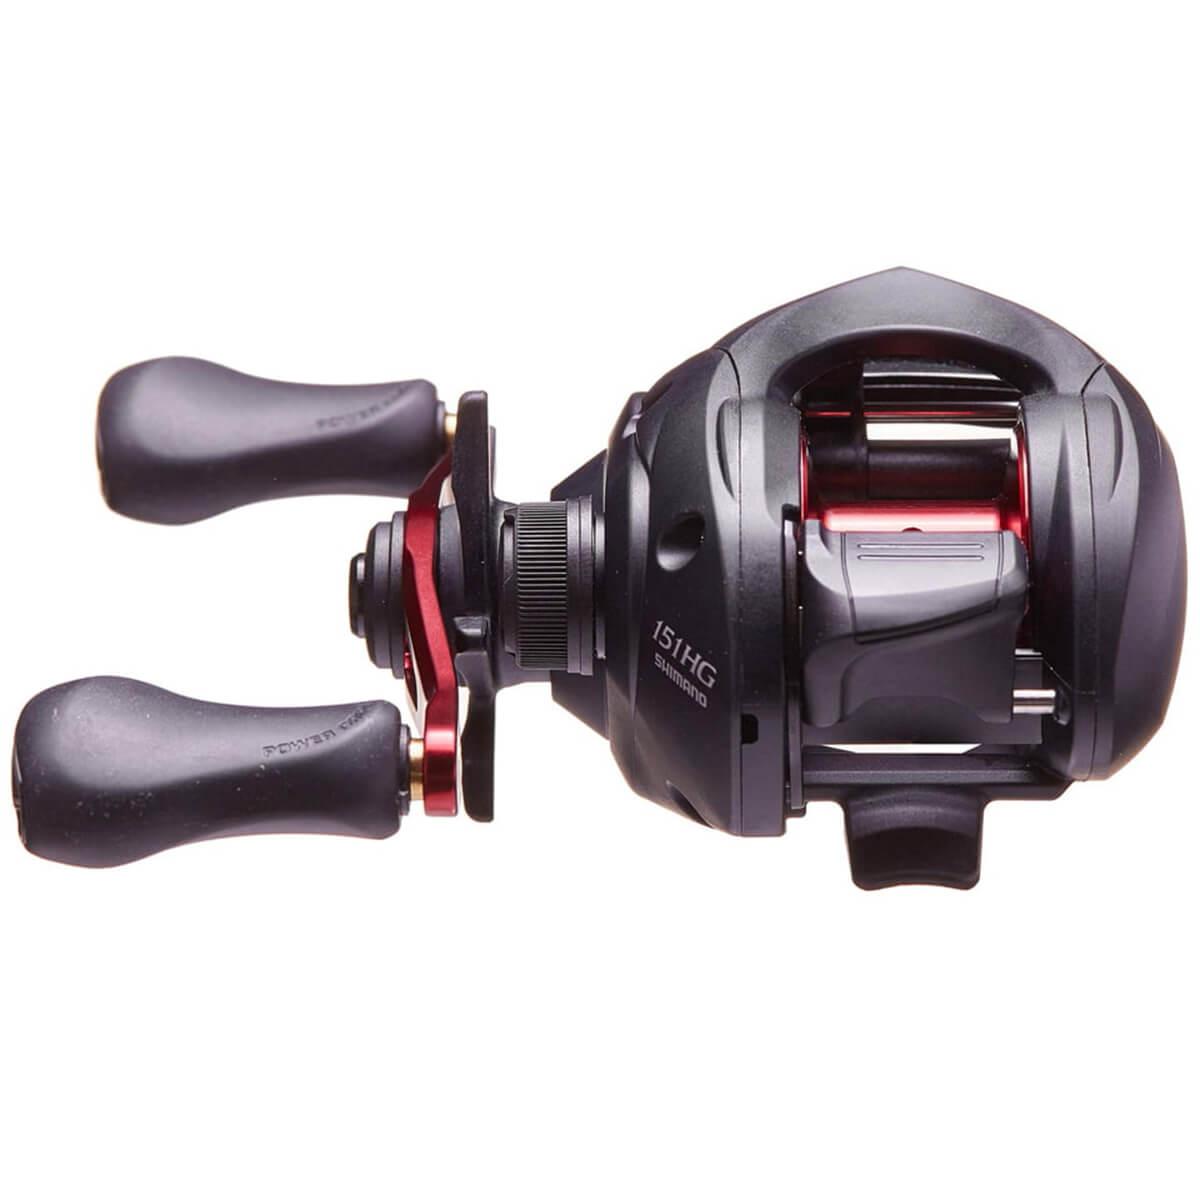 Carretilha Shimano Caius 150 HGB (Direita)  - Pró Pesca Shop